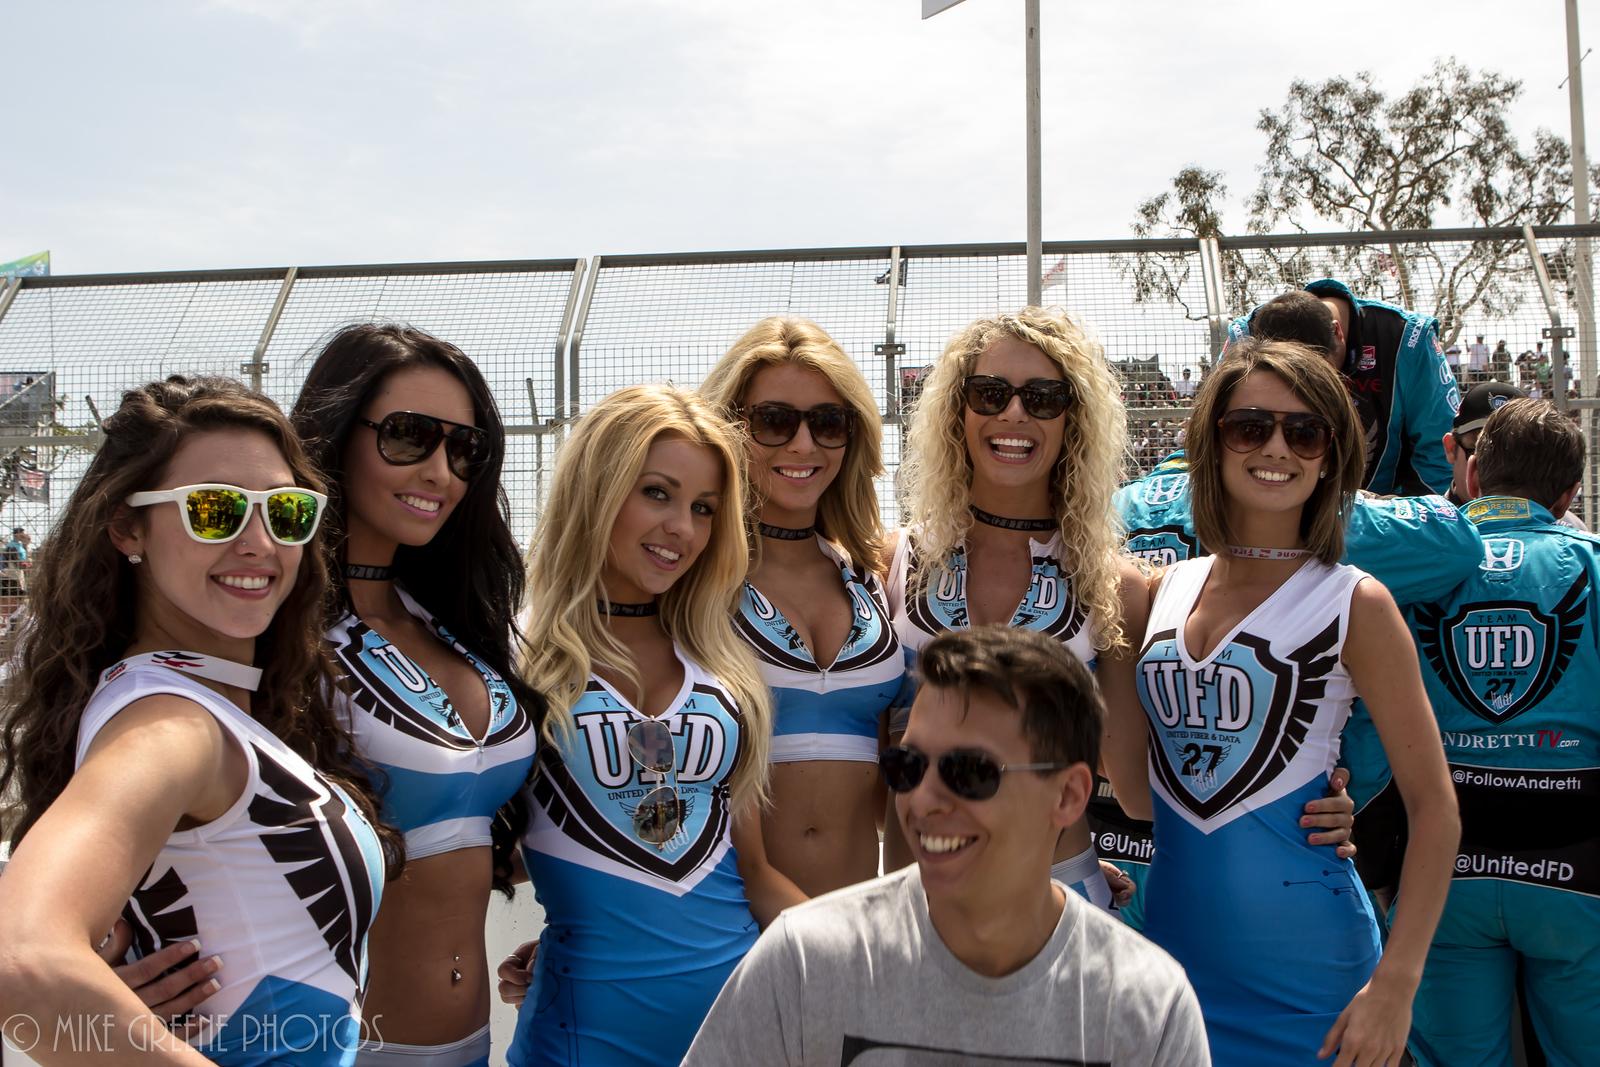 IMAGE: https://photos.smugmug.com/Events-Automotive/2014-Long-Beach-Grand-Prix/i-bsKSBJv/0/caccac9f/X3/IMG_7551-2-X3.jpg